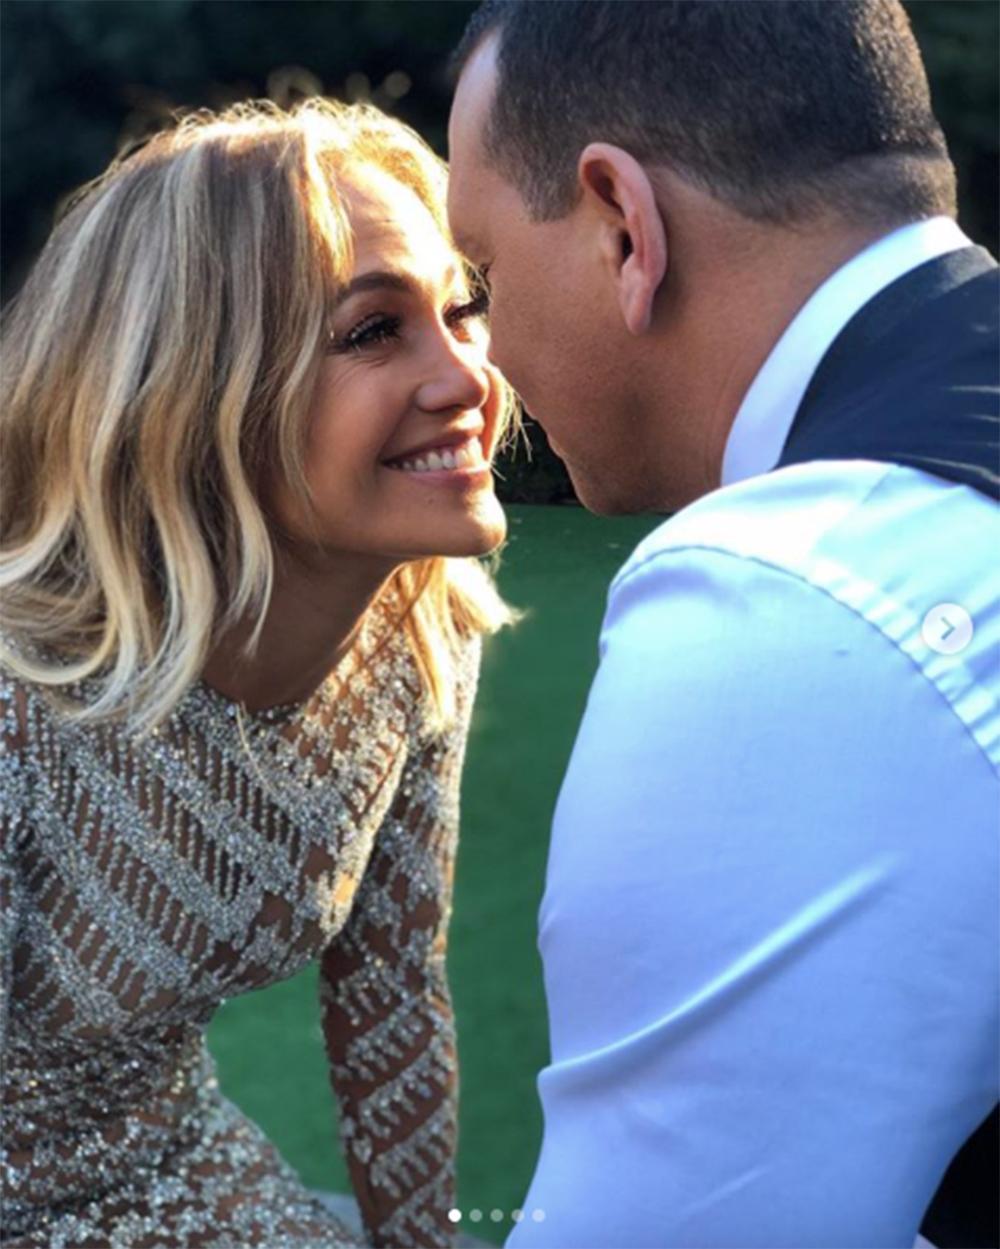 アレックスとの2年間を振り返ったジェニファー(画像は『Jennifer Lopez 2019年2月3日付Instagram「Two years of laughter Two years of fun Two years of adventures Of excitement of growing and learning Of true friendship And so much love!!」』のスクリーンショット)